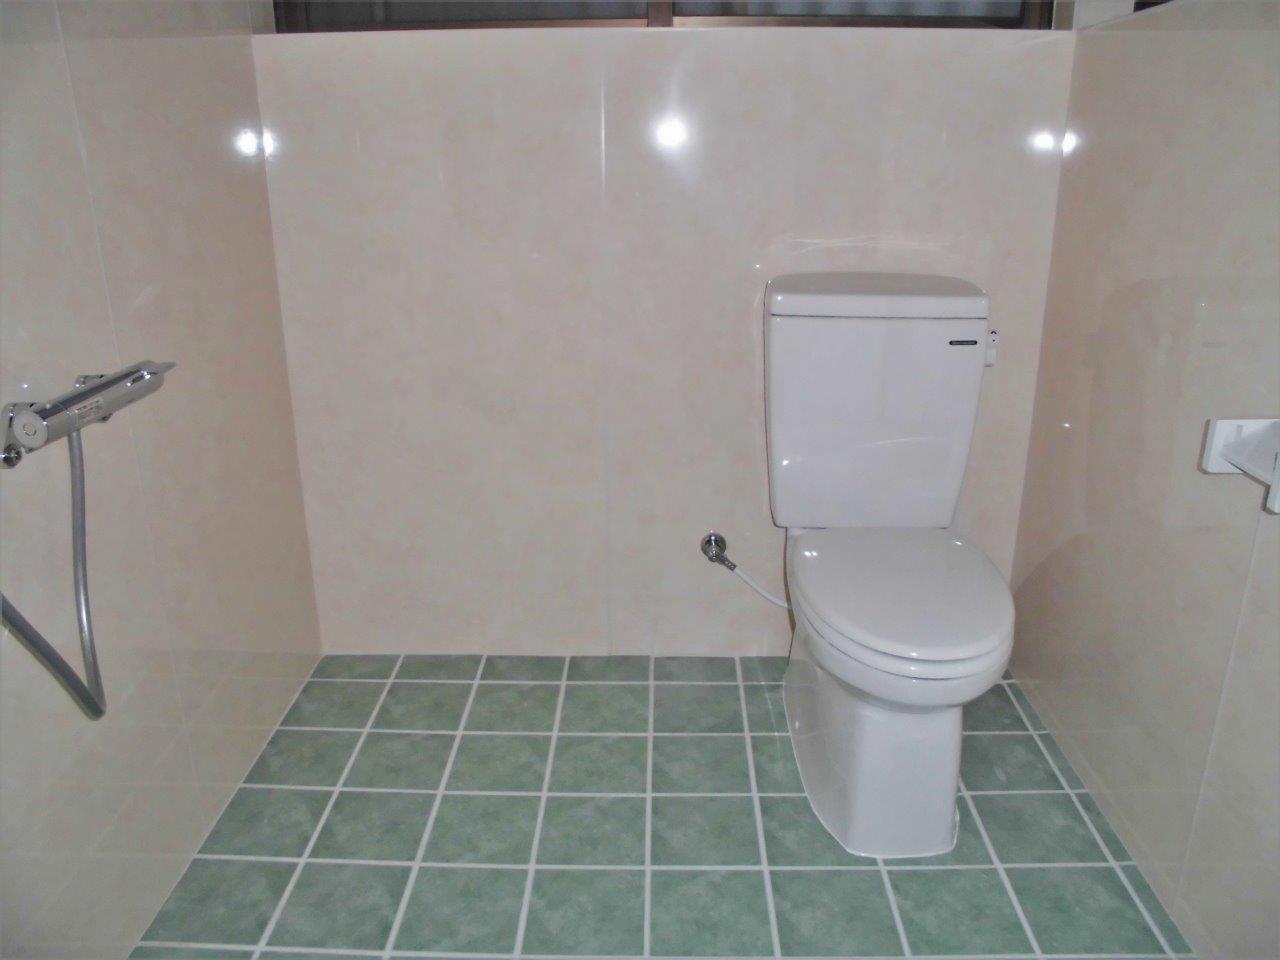 沖縄 リフォーム 浴室 トイレ 和式便器